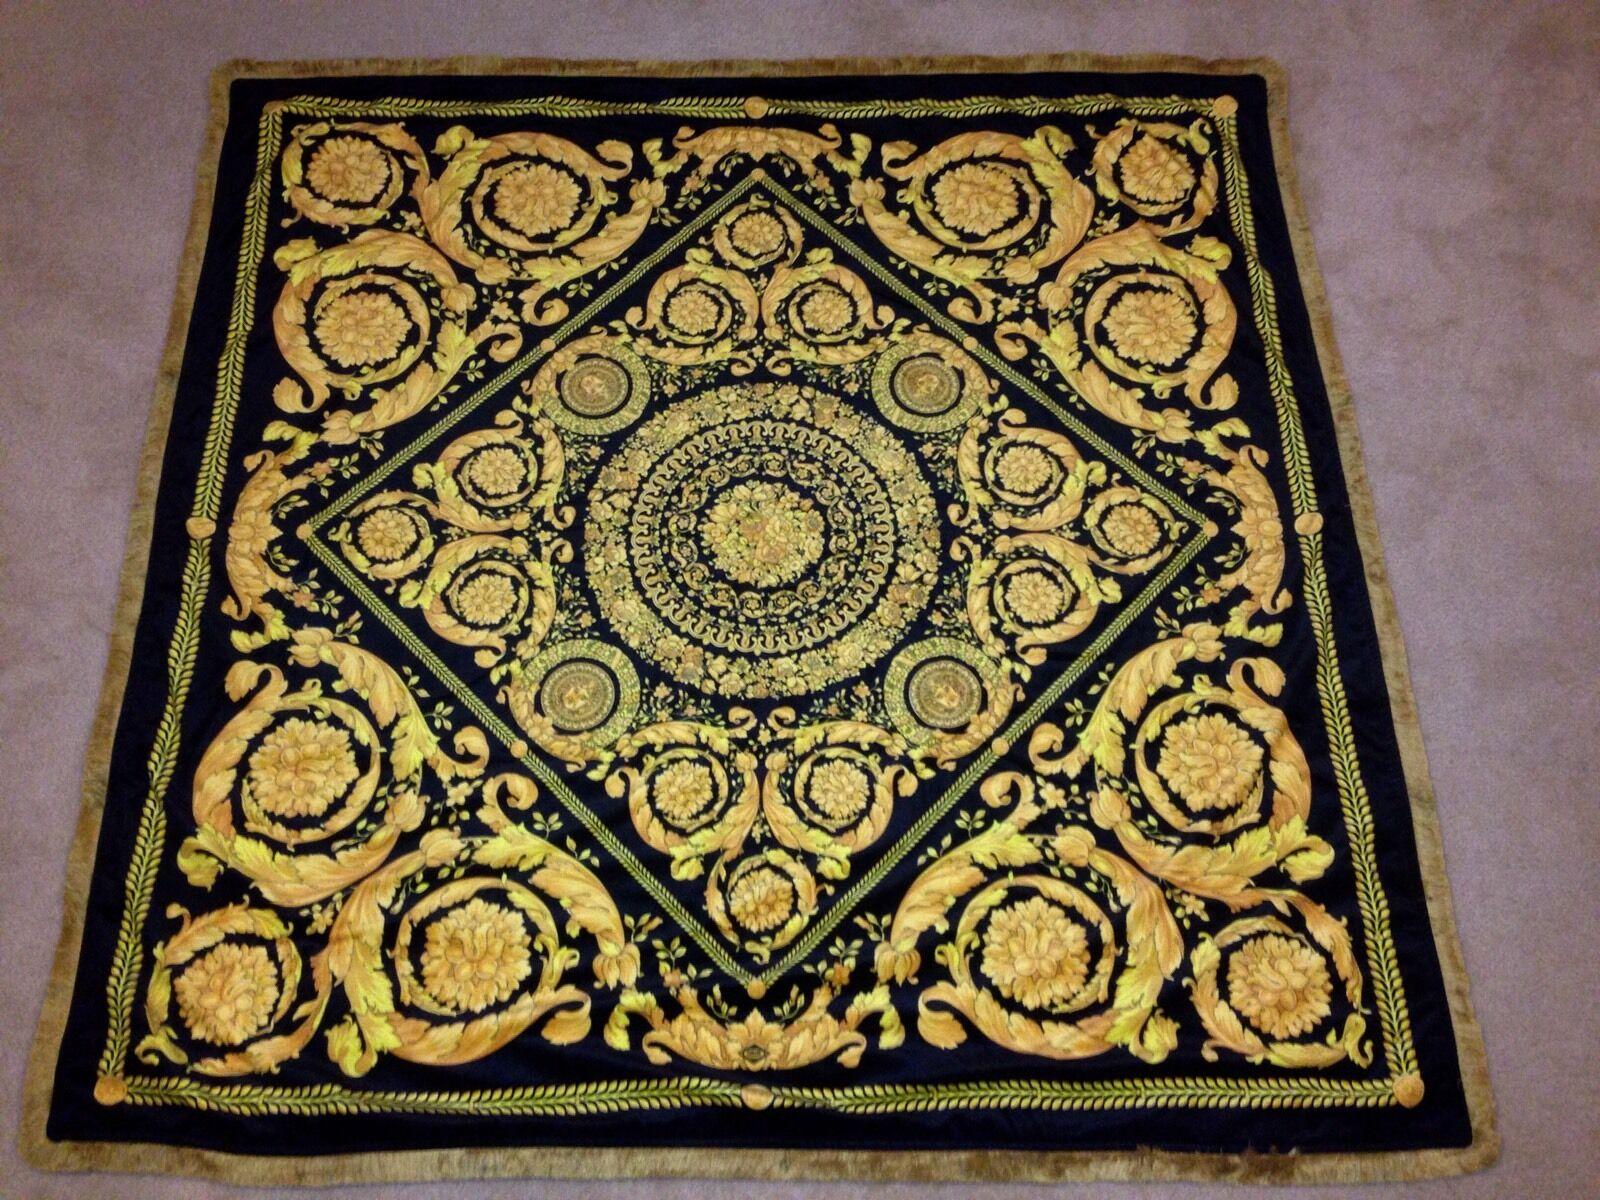 Medusa barocco negro y dorado de alta calidad de tejido de terciopelo Tirar